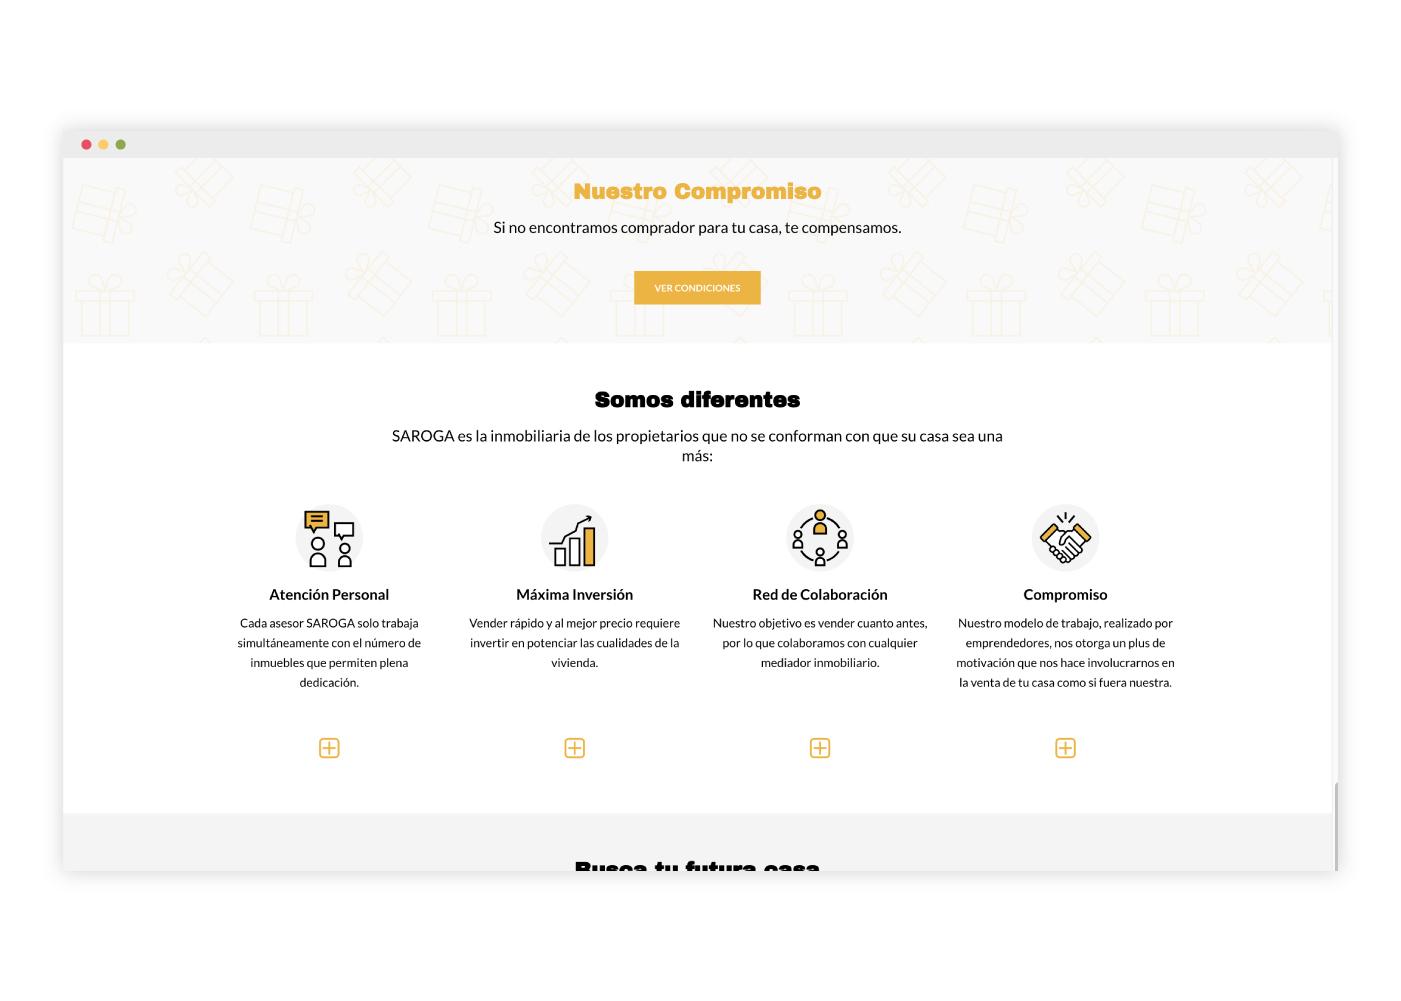 diseno-programacion-web-inmobiliaria-online-1